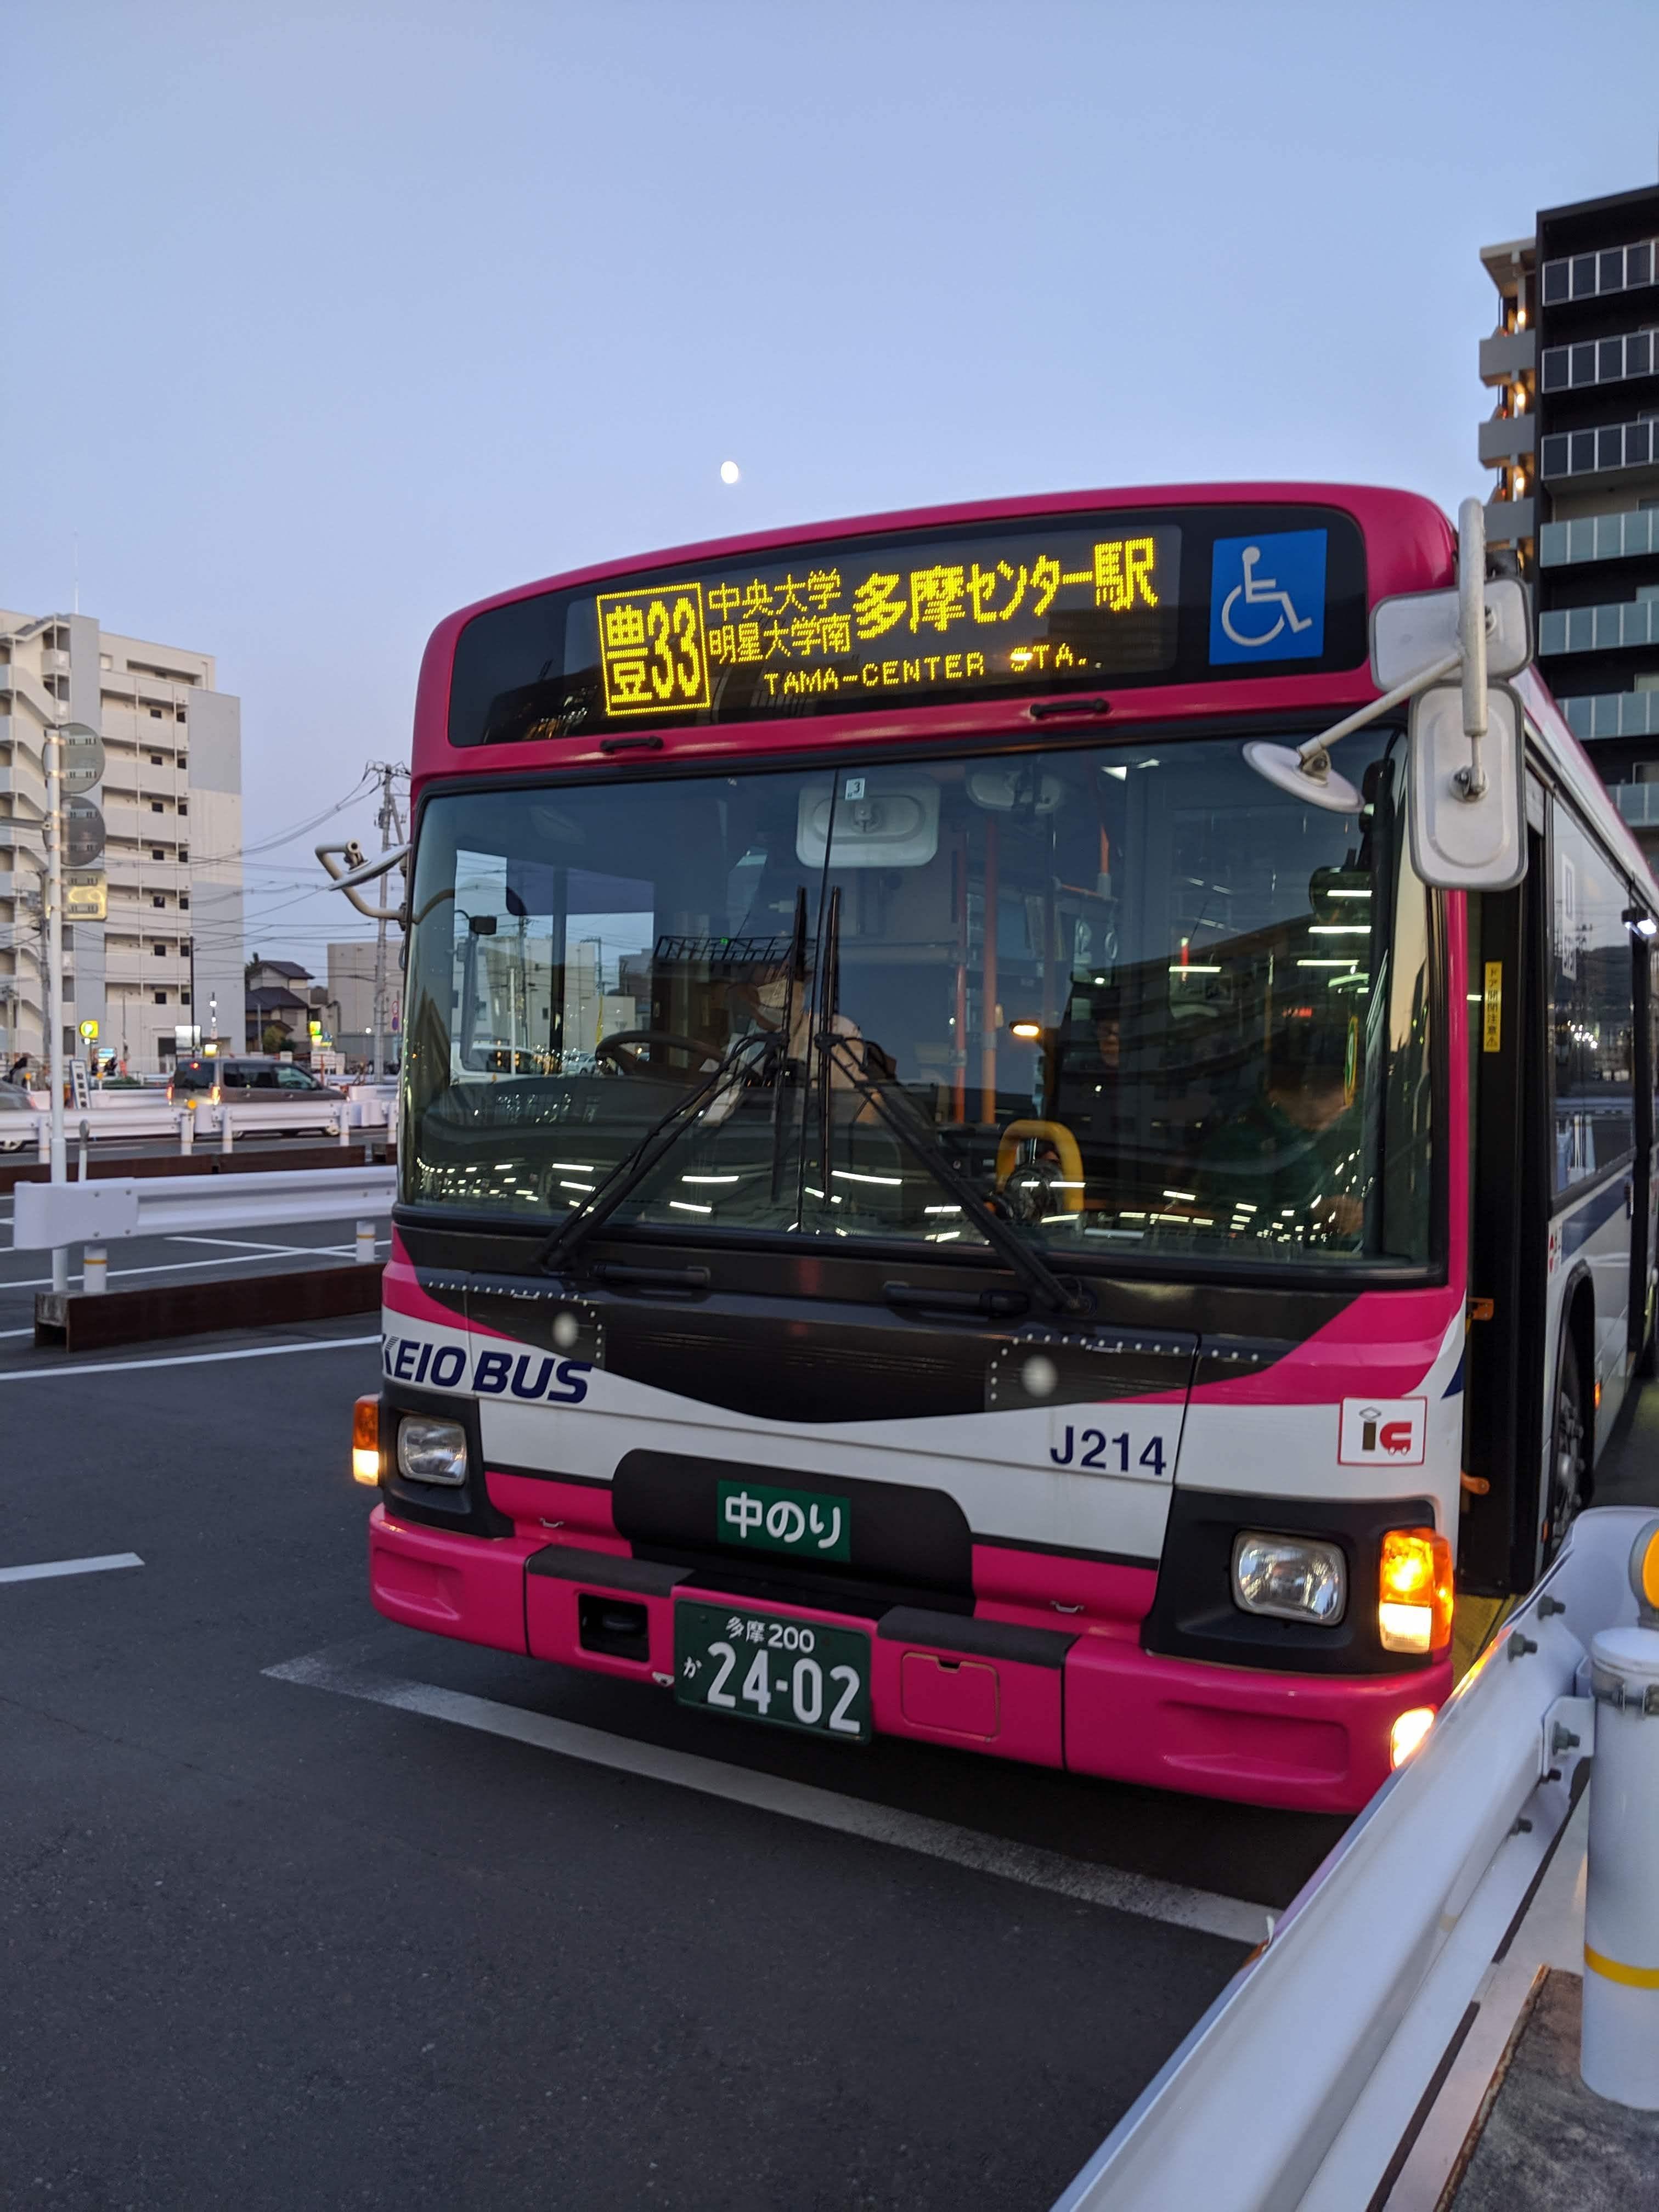 1109京王バス一日乗車券の旅ー【後編】_a0329563_23051297.jpg